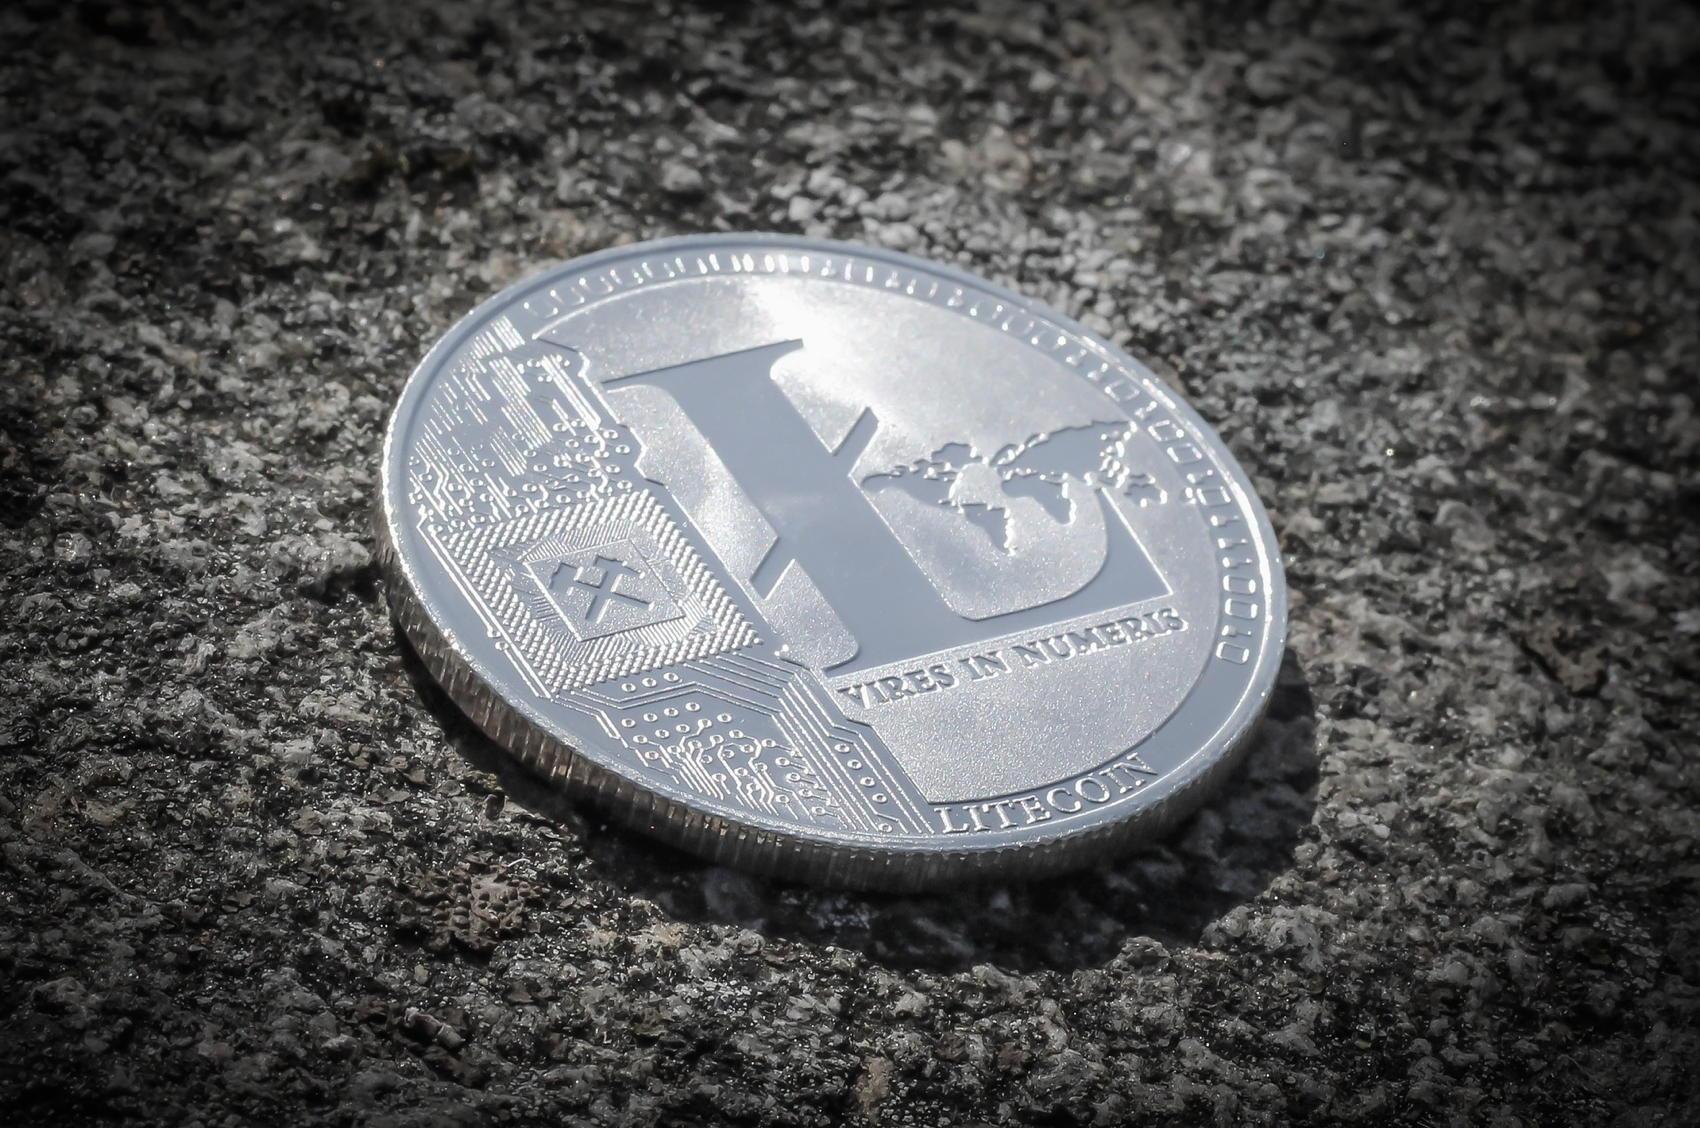 Litecoin - Image by Eivind Pedersen